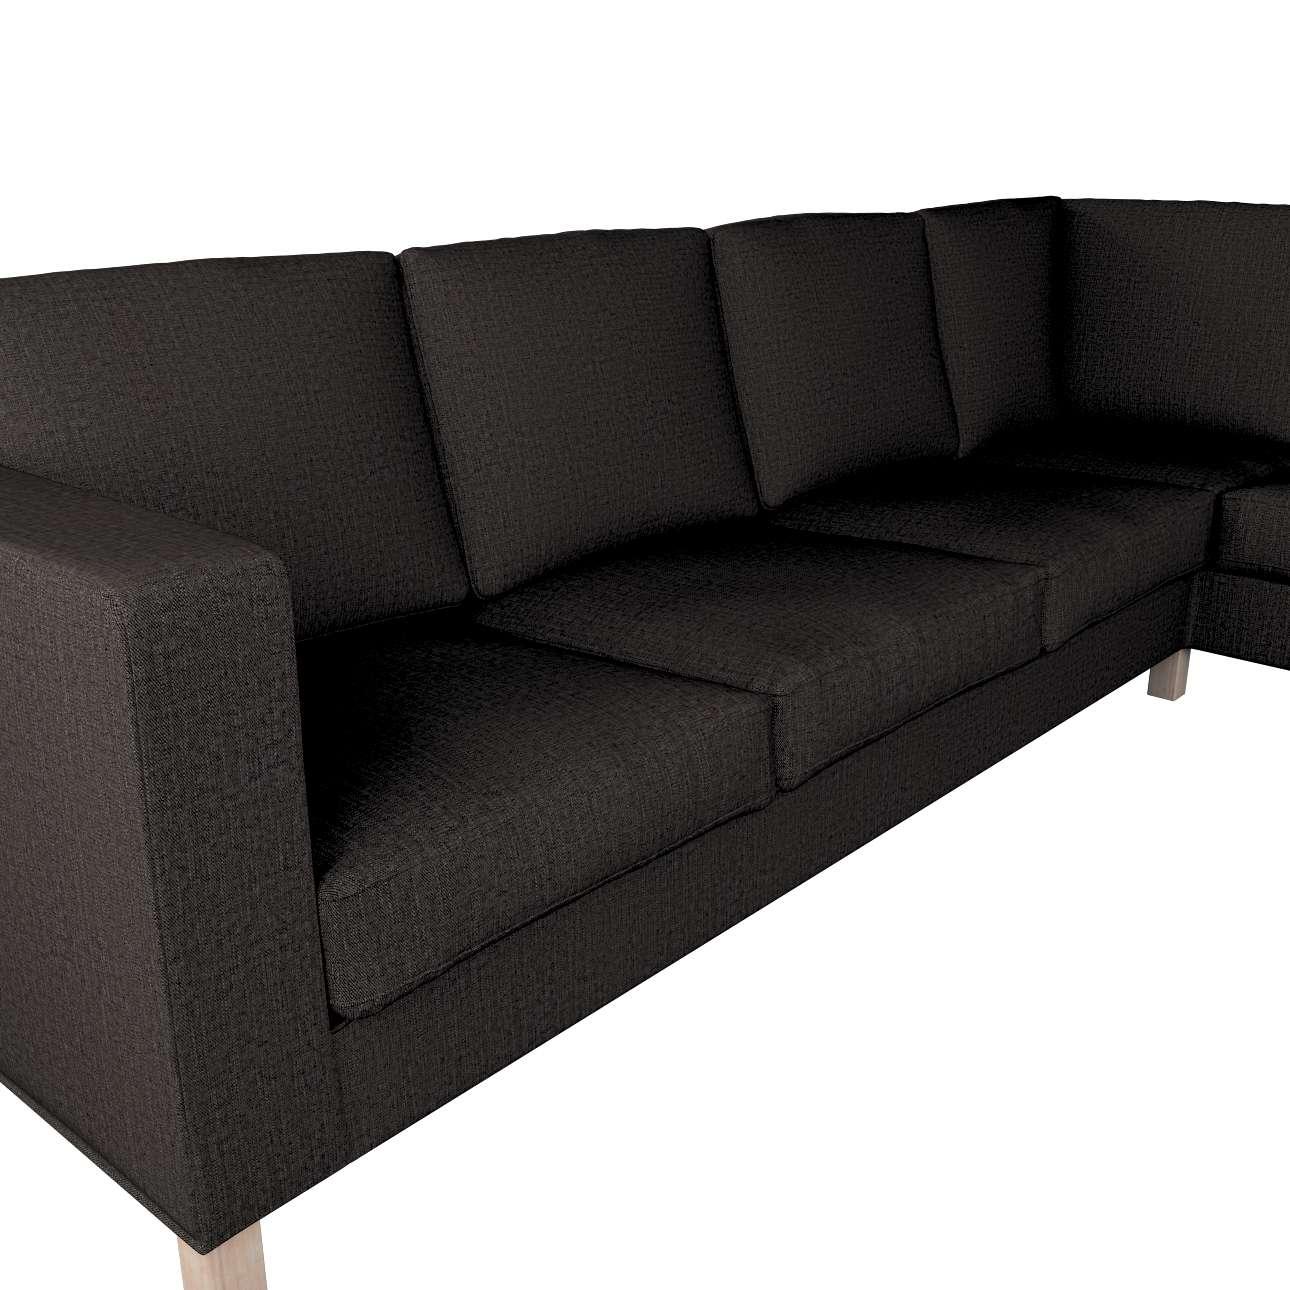 Pokrowiec na sofę narożną lewostronną Karlanda w kolekcji Etna, tkanina: 702-36